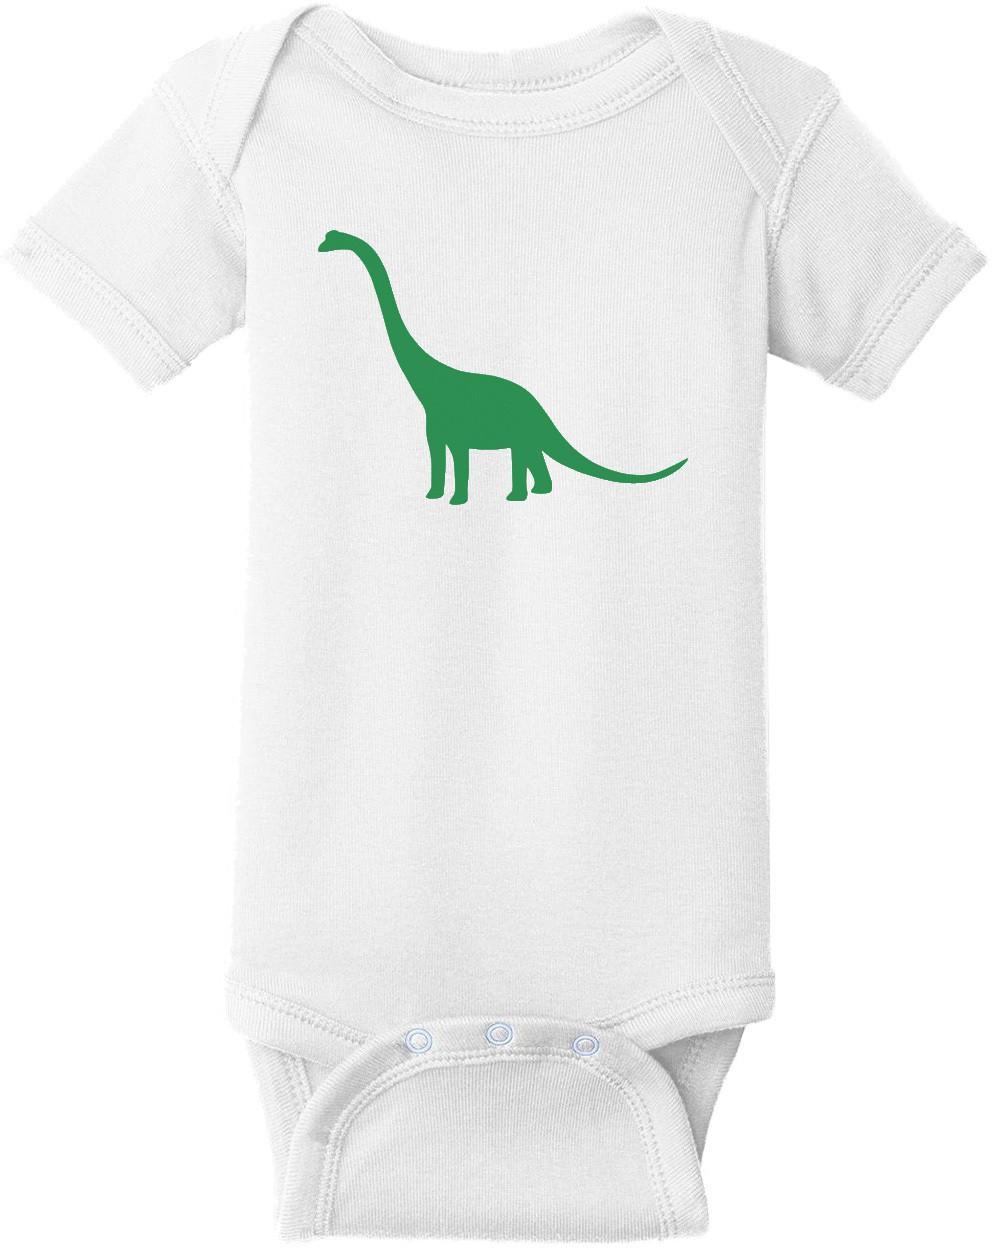 Brachiosaurus Dinosaur Kids T-Shirt